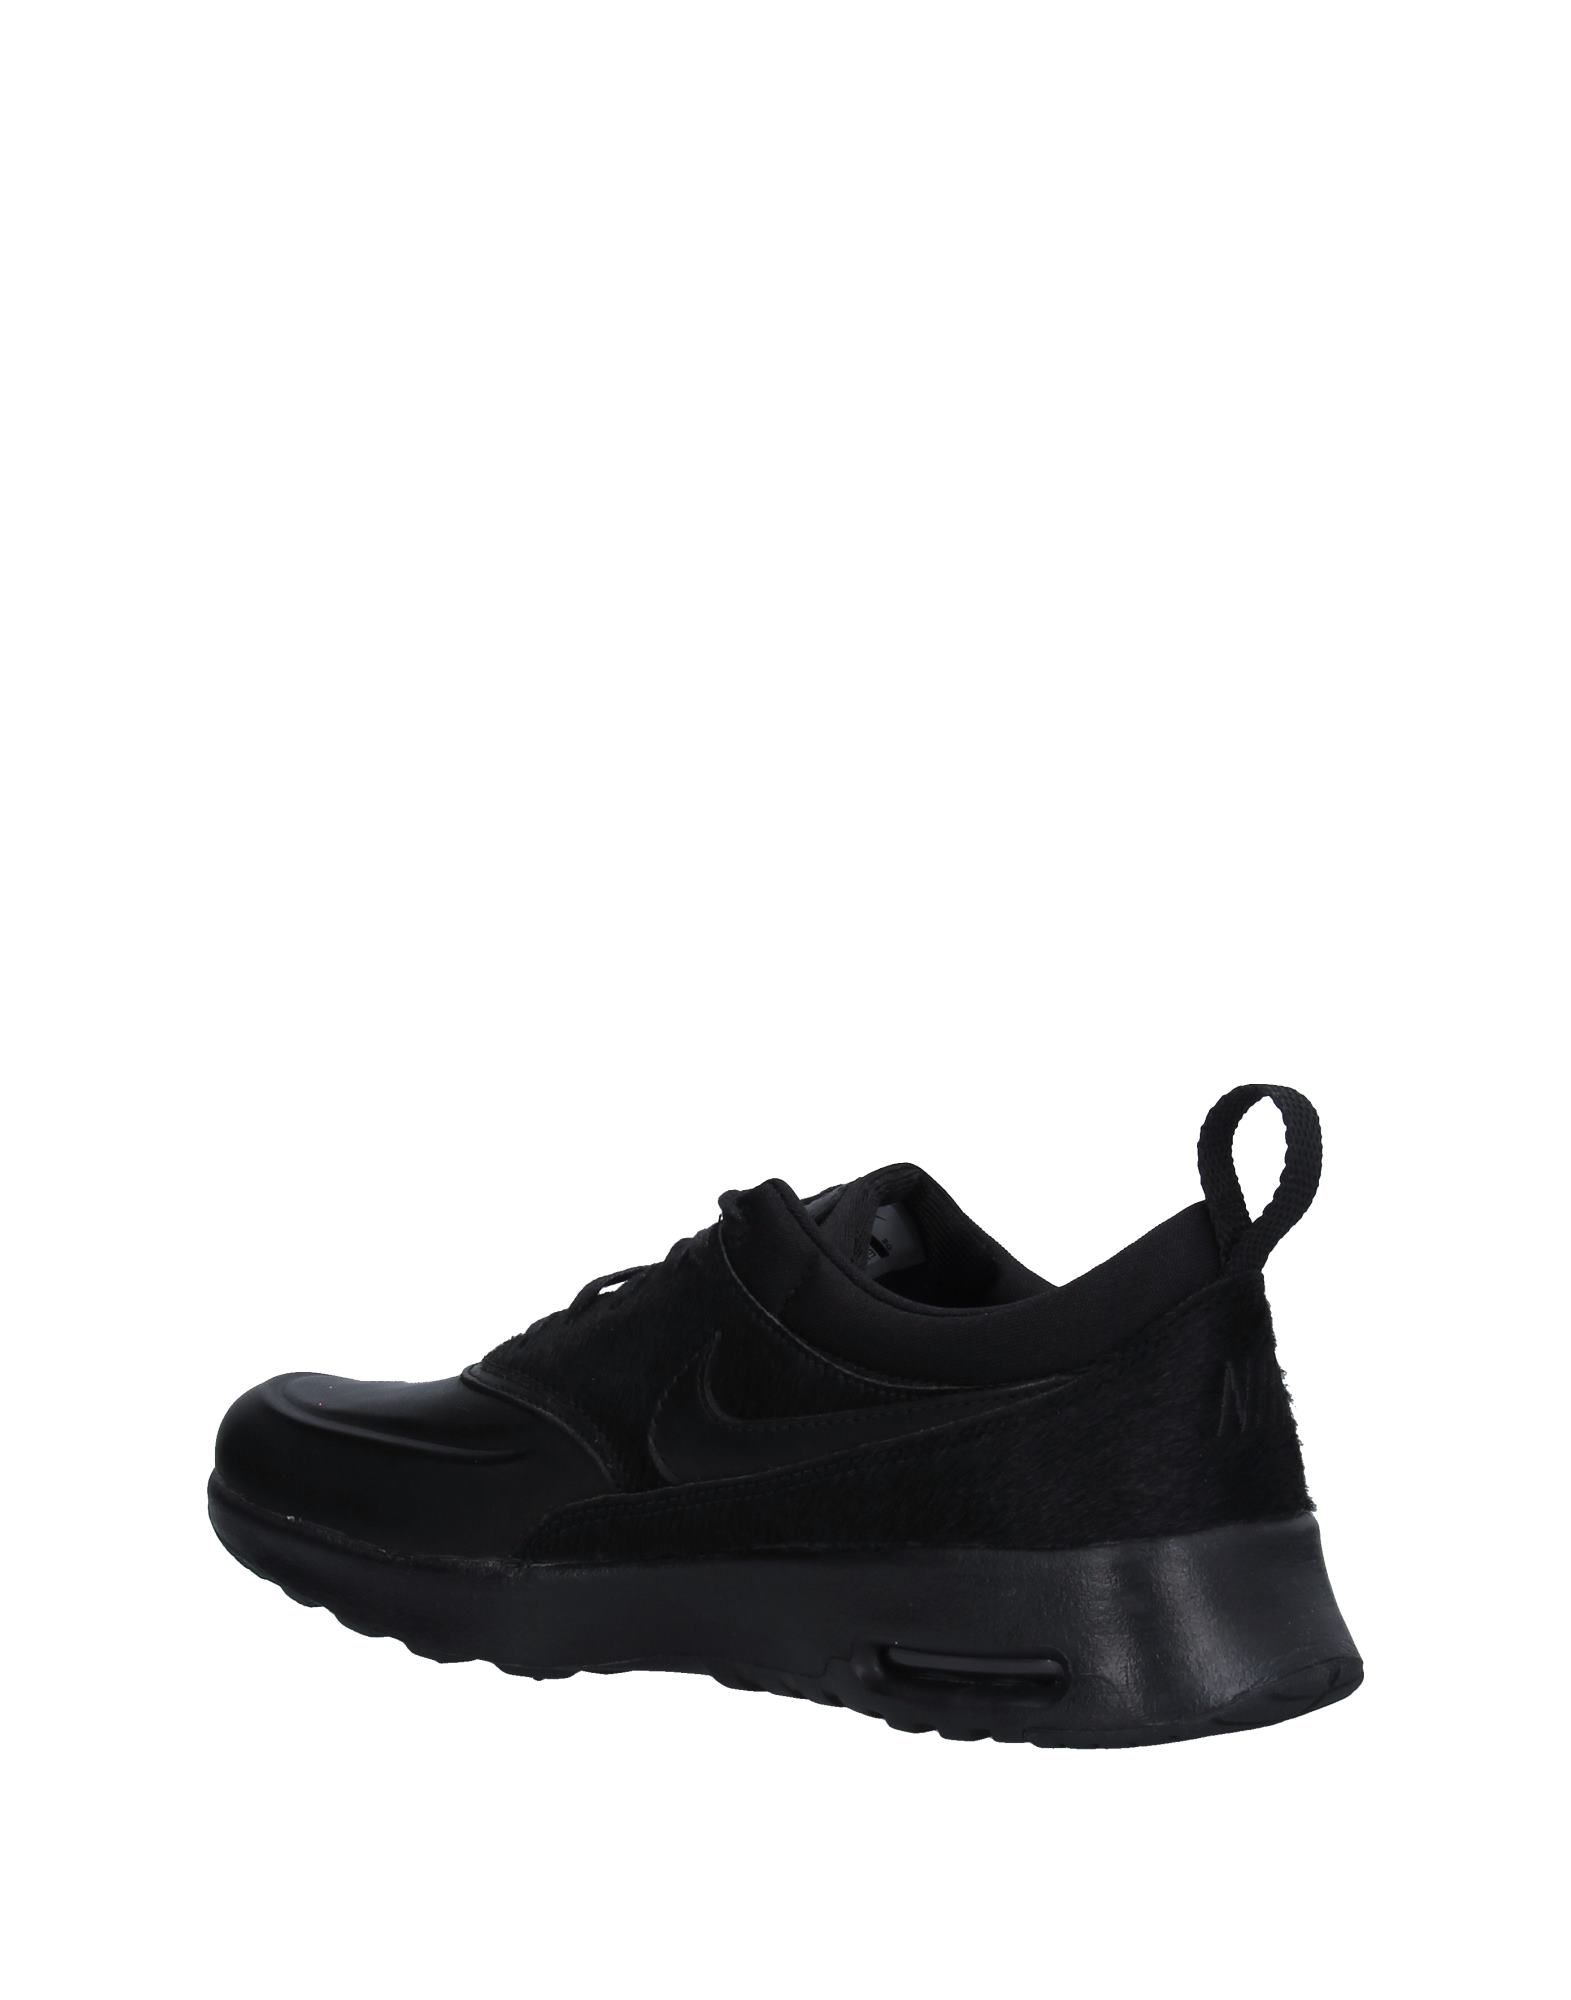 Scarpe economiche e resistenti Sneakers Nike Donna - 11246390GQ